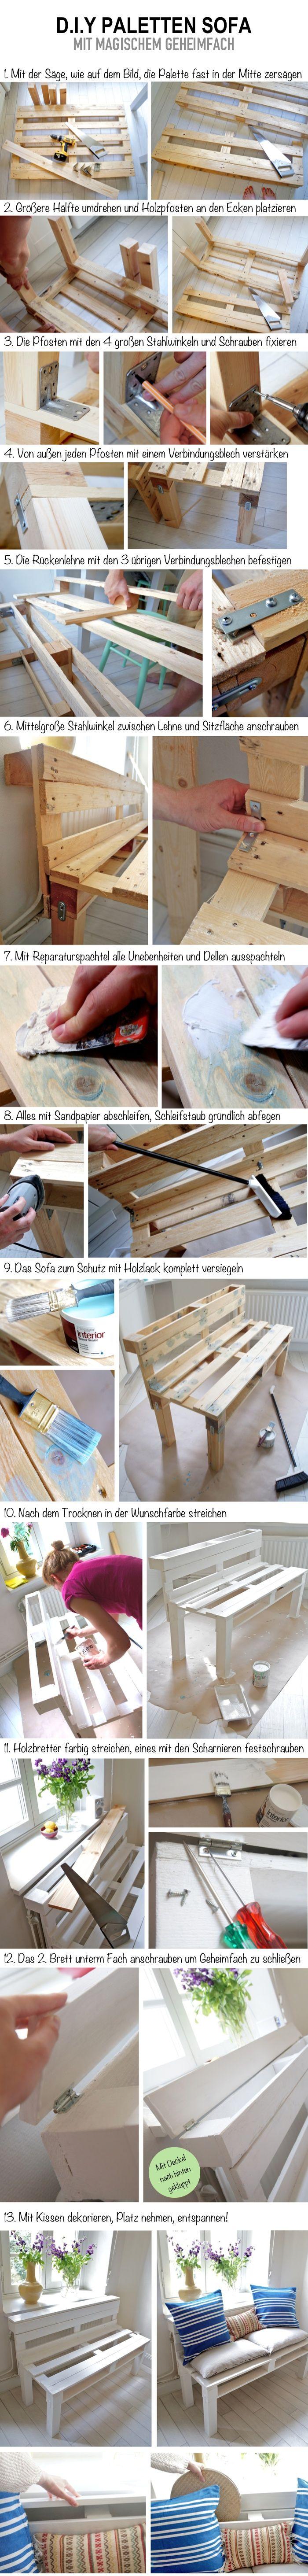 e2a0b14ba6e6fae6ed2297432c59663c--palette Unique De Faire Une Table En Palette Des Idées